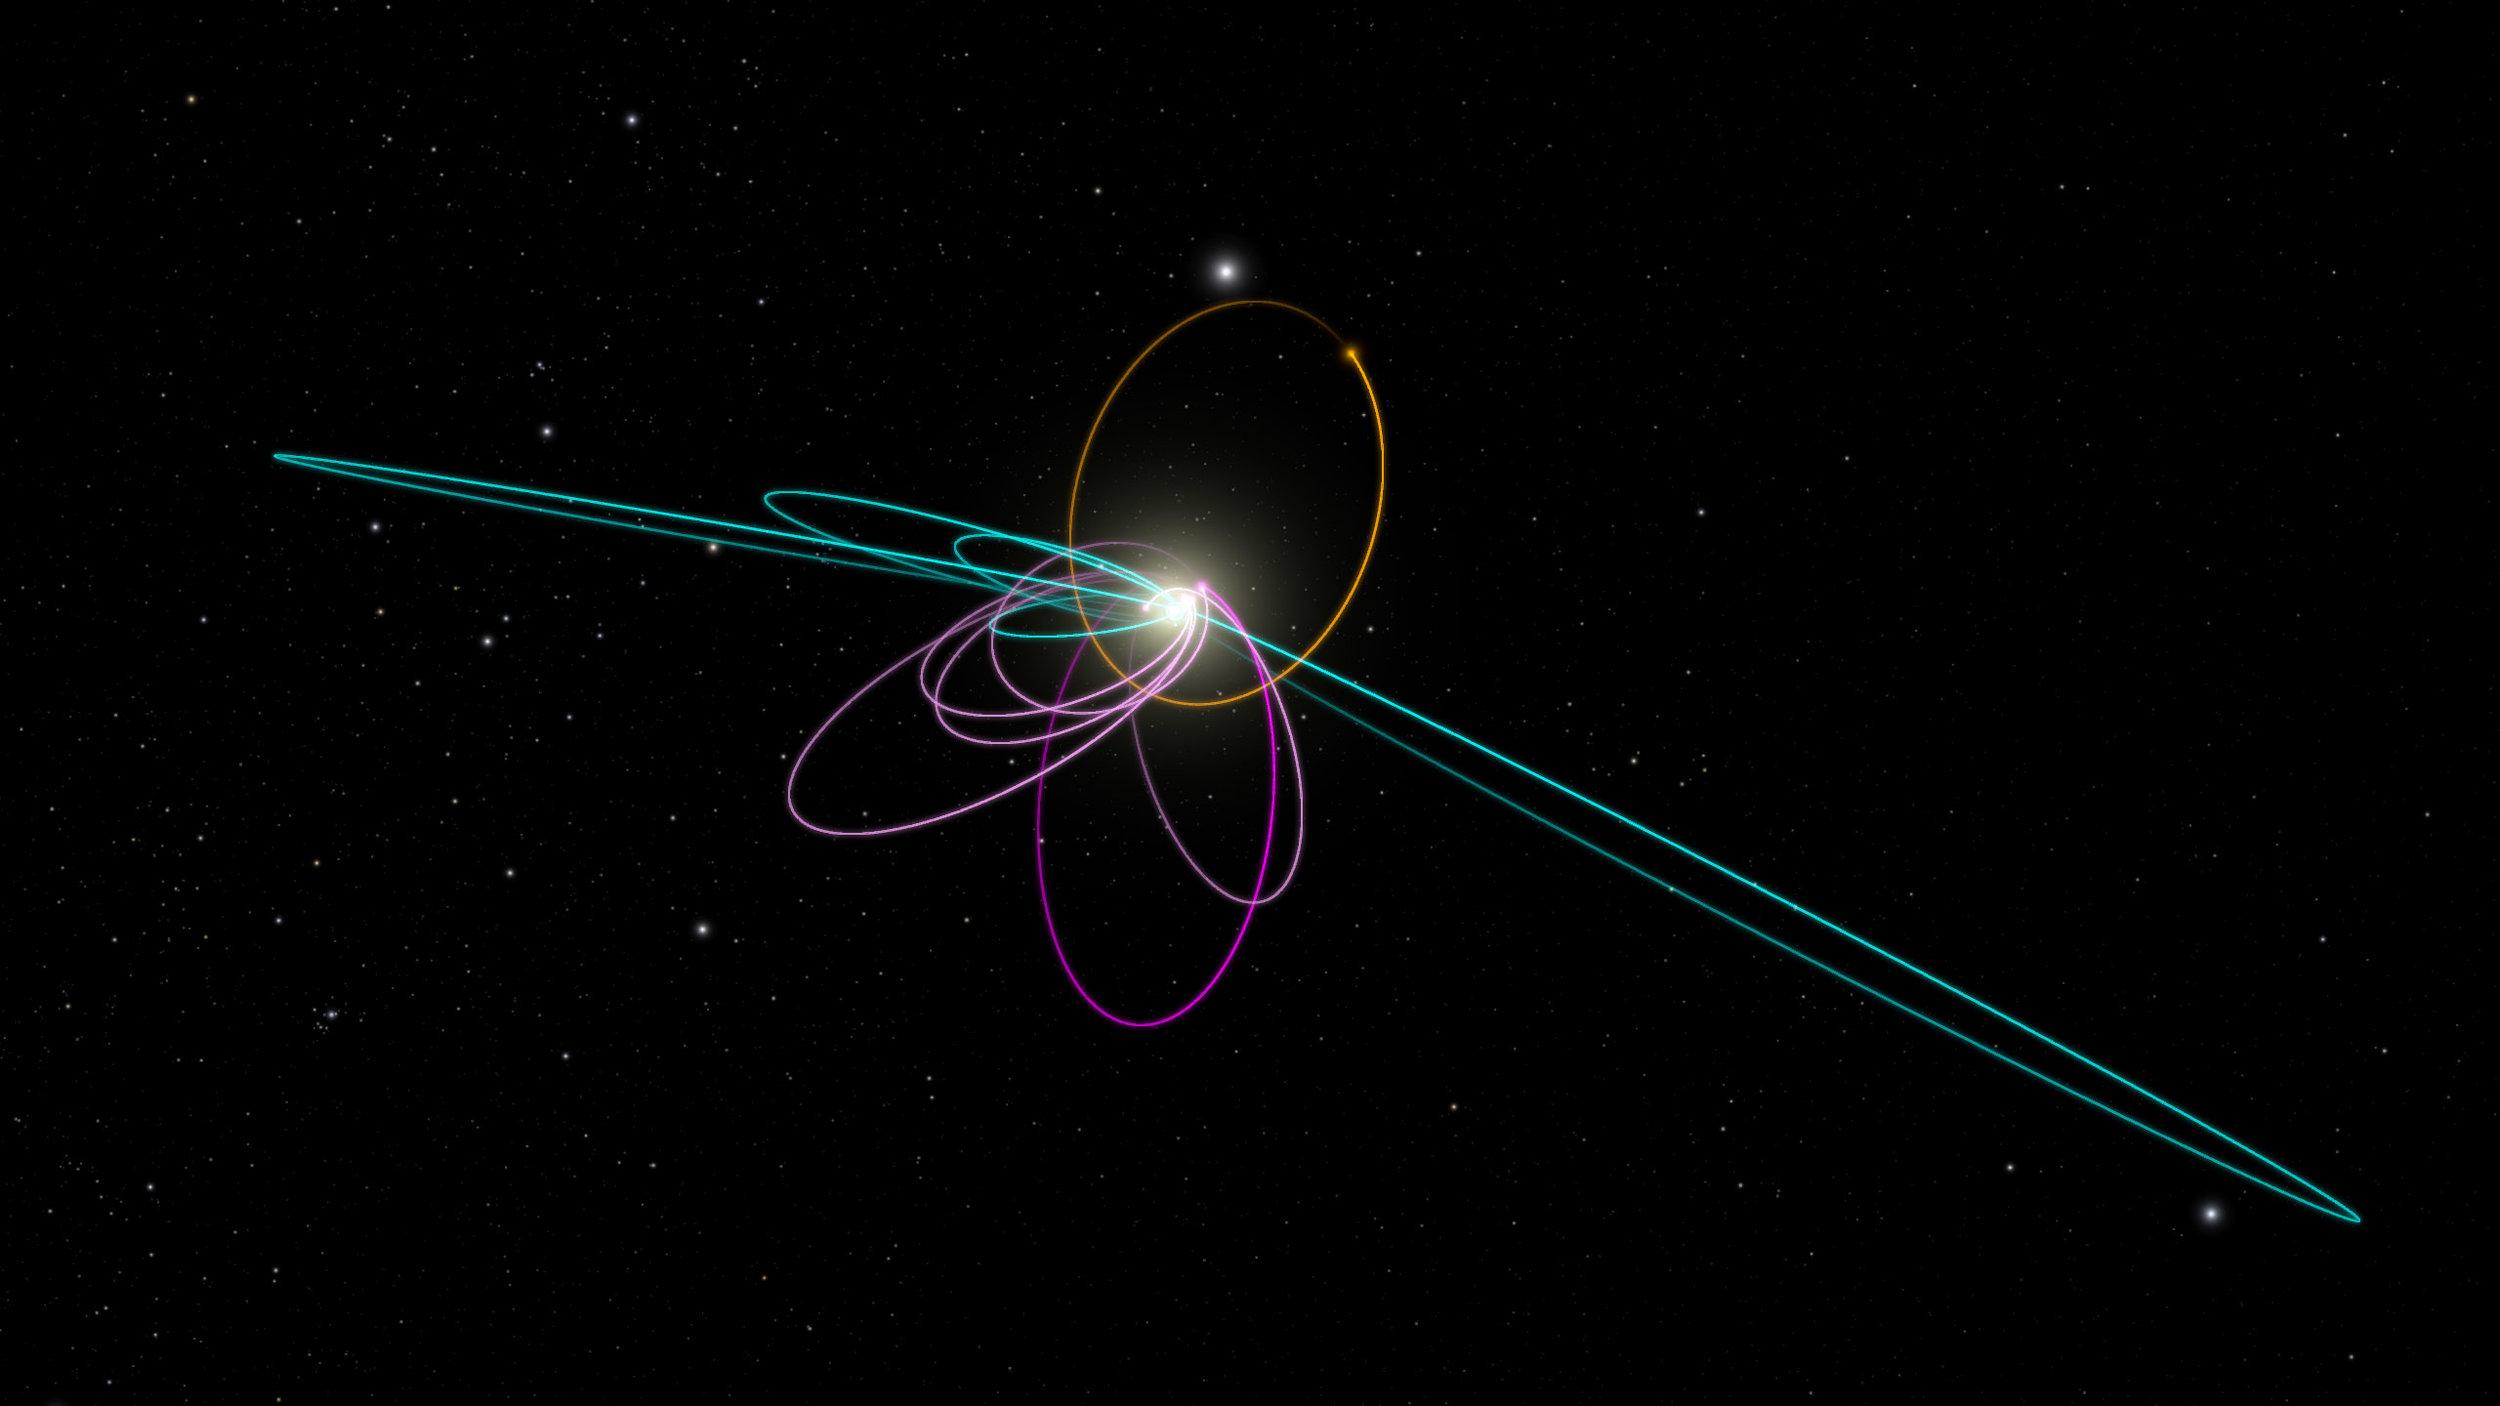 P9_KBO_extras_orbits.jpg